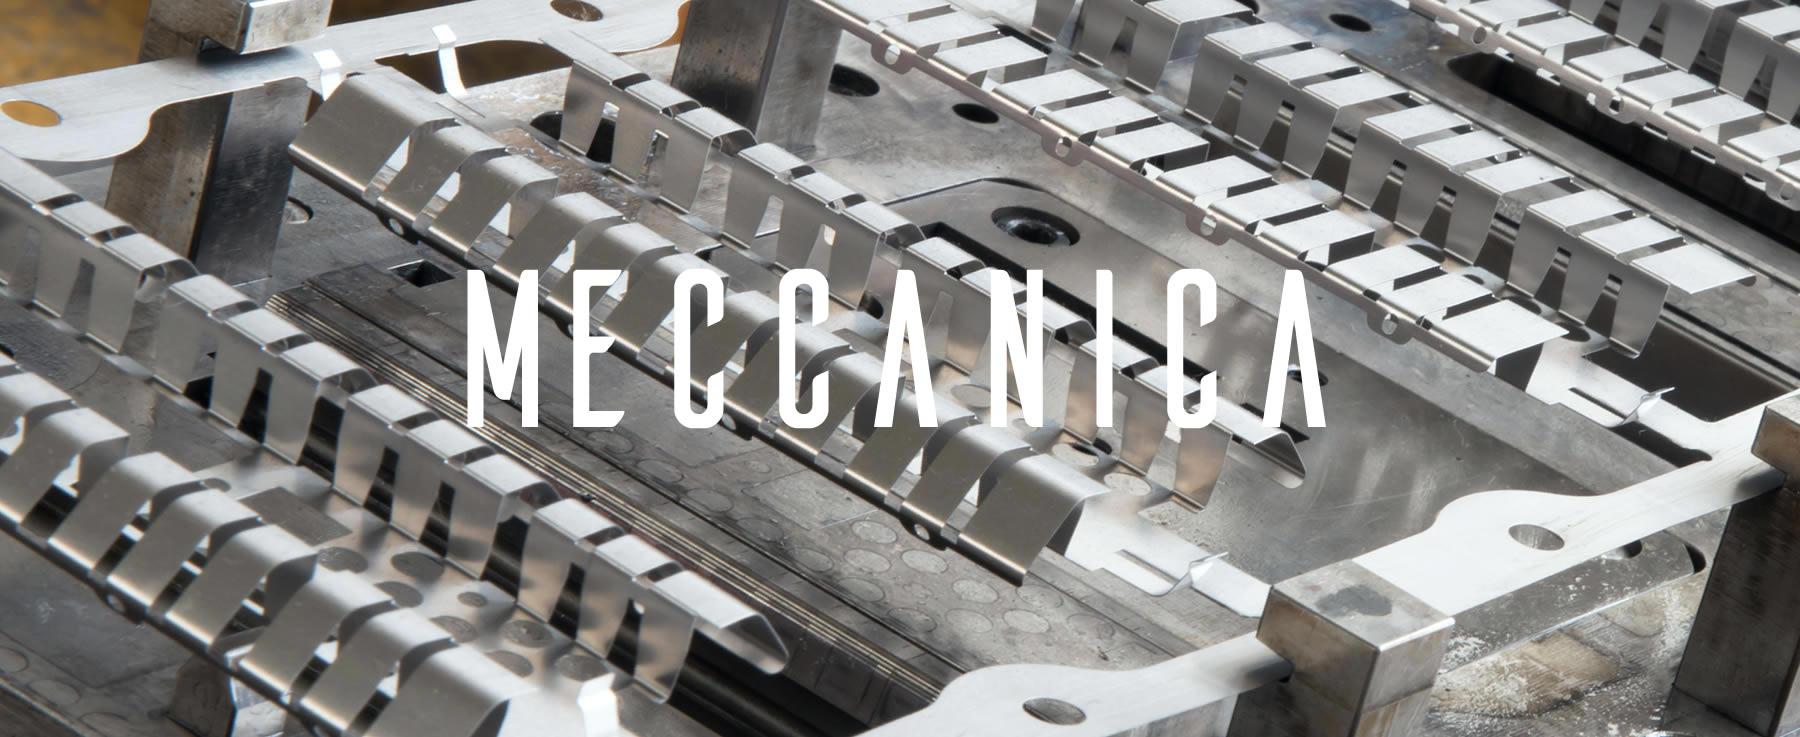 meccanica-garletti